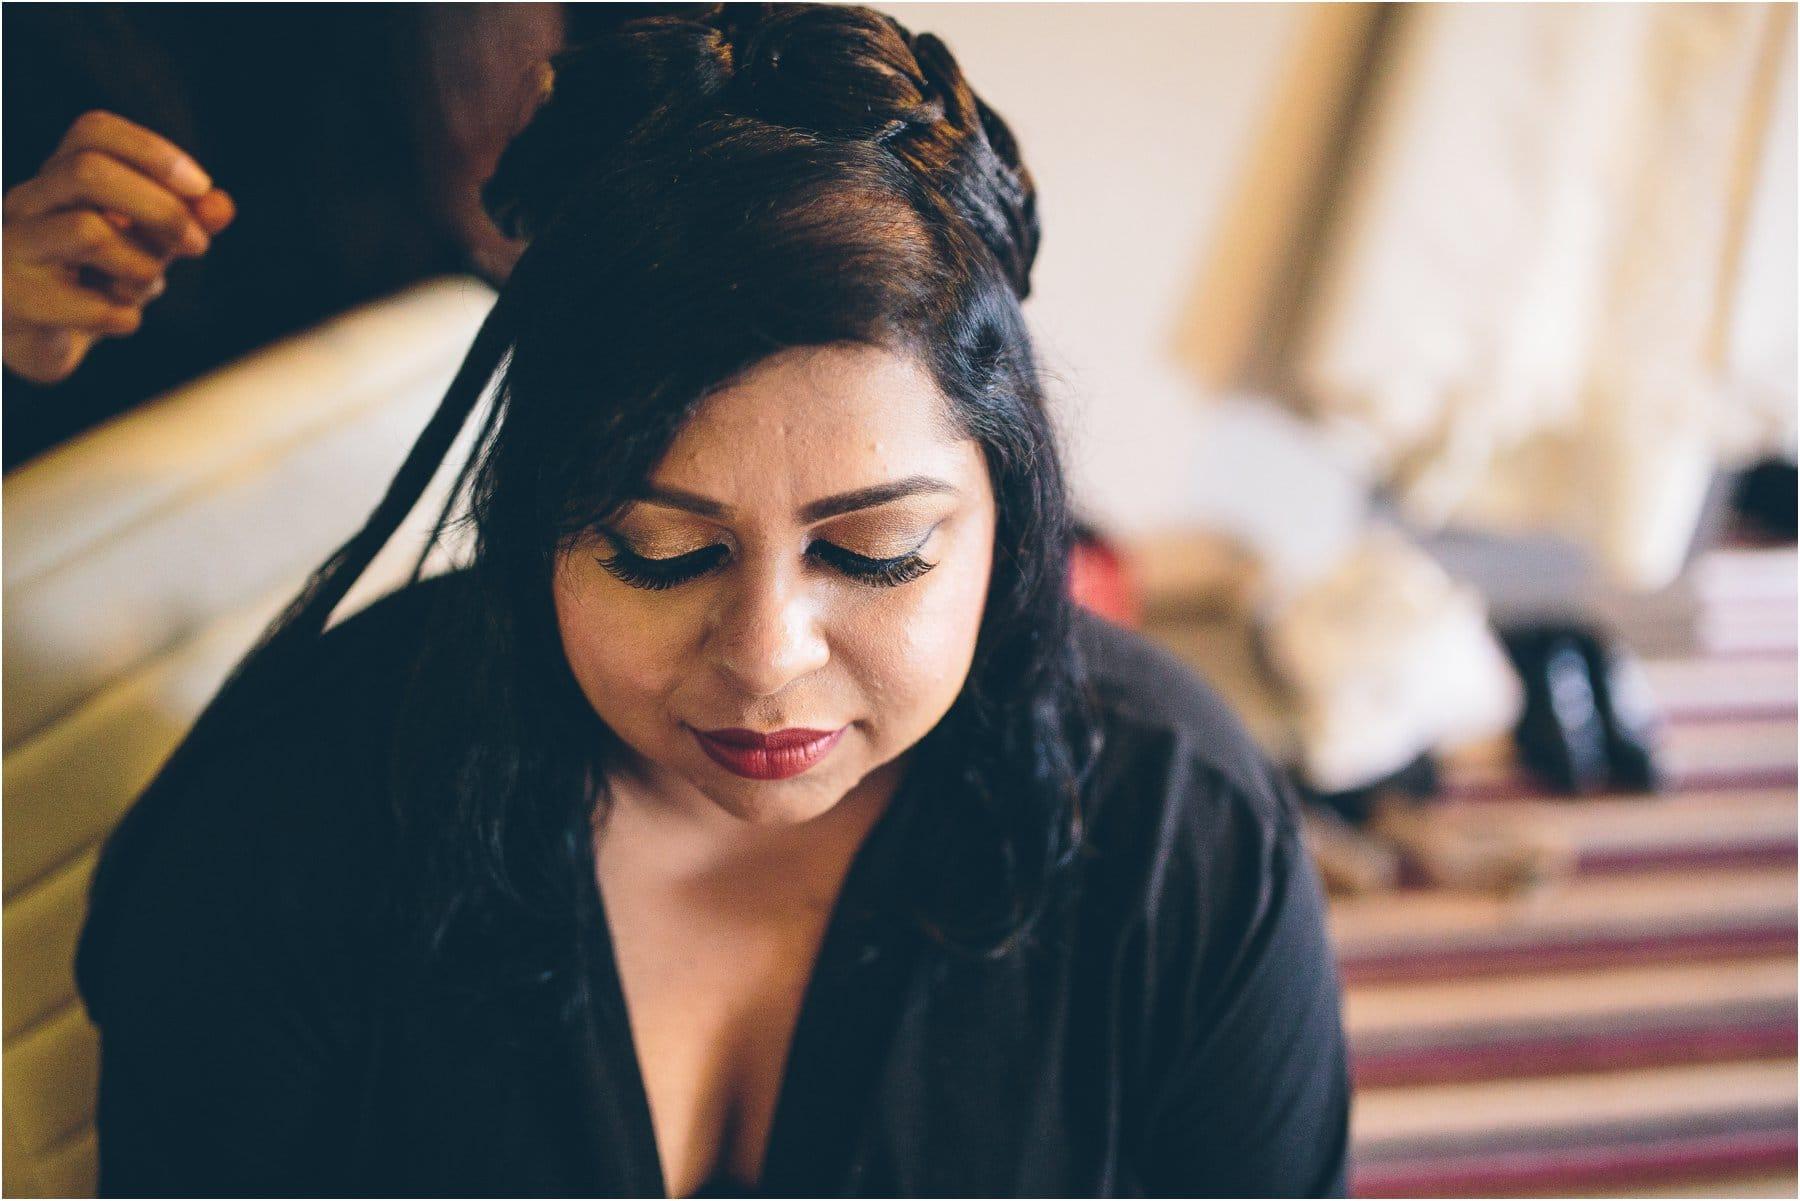 Lancashire_Indian_Wedding_Photography_0002